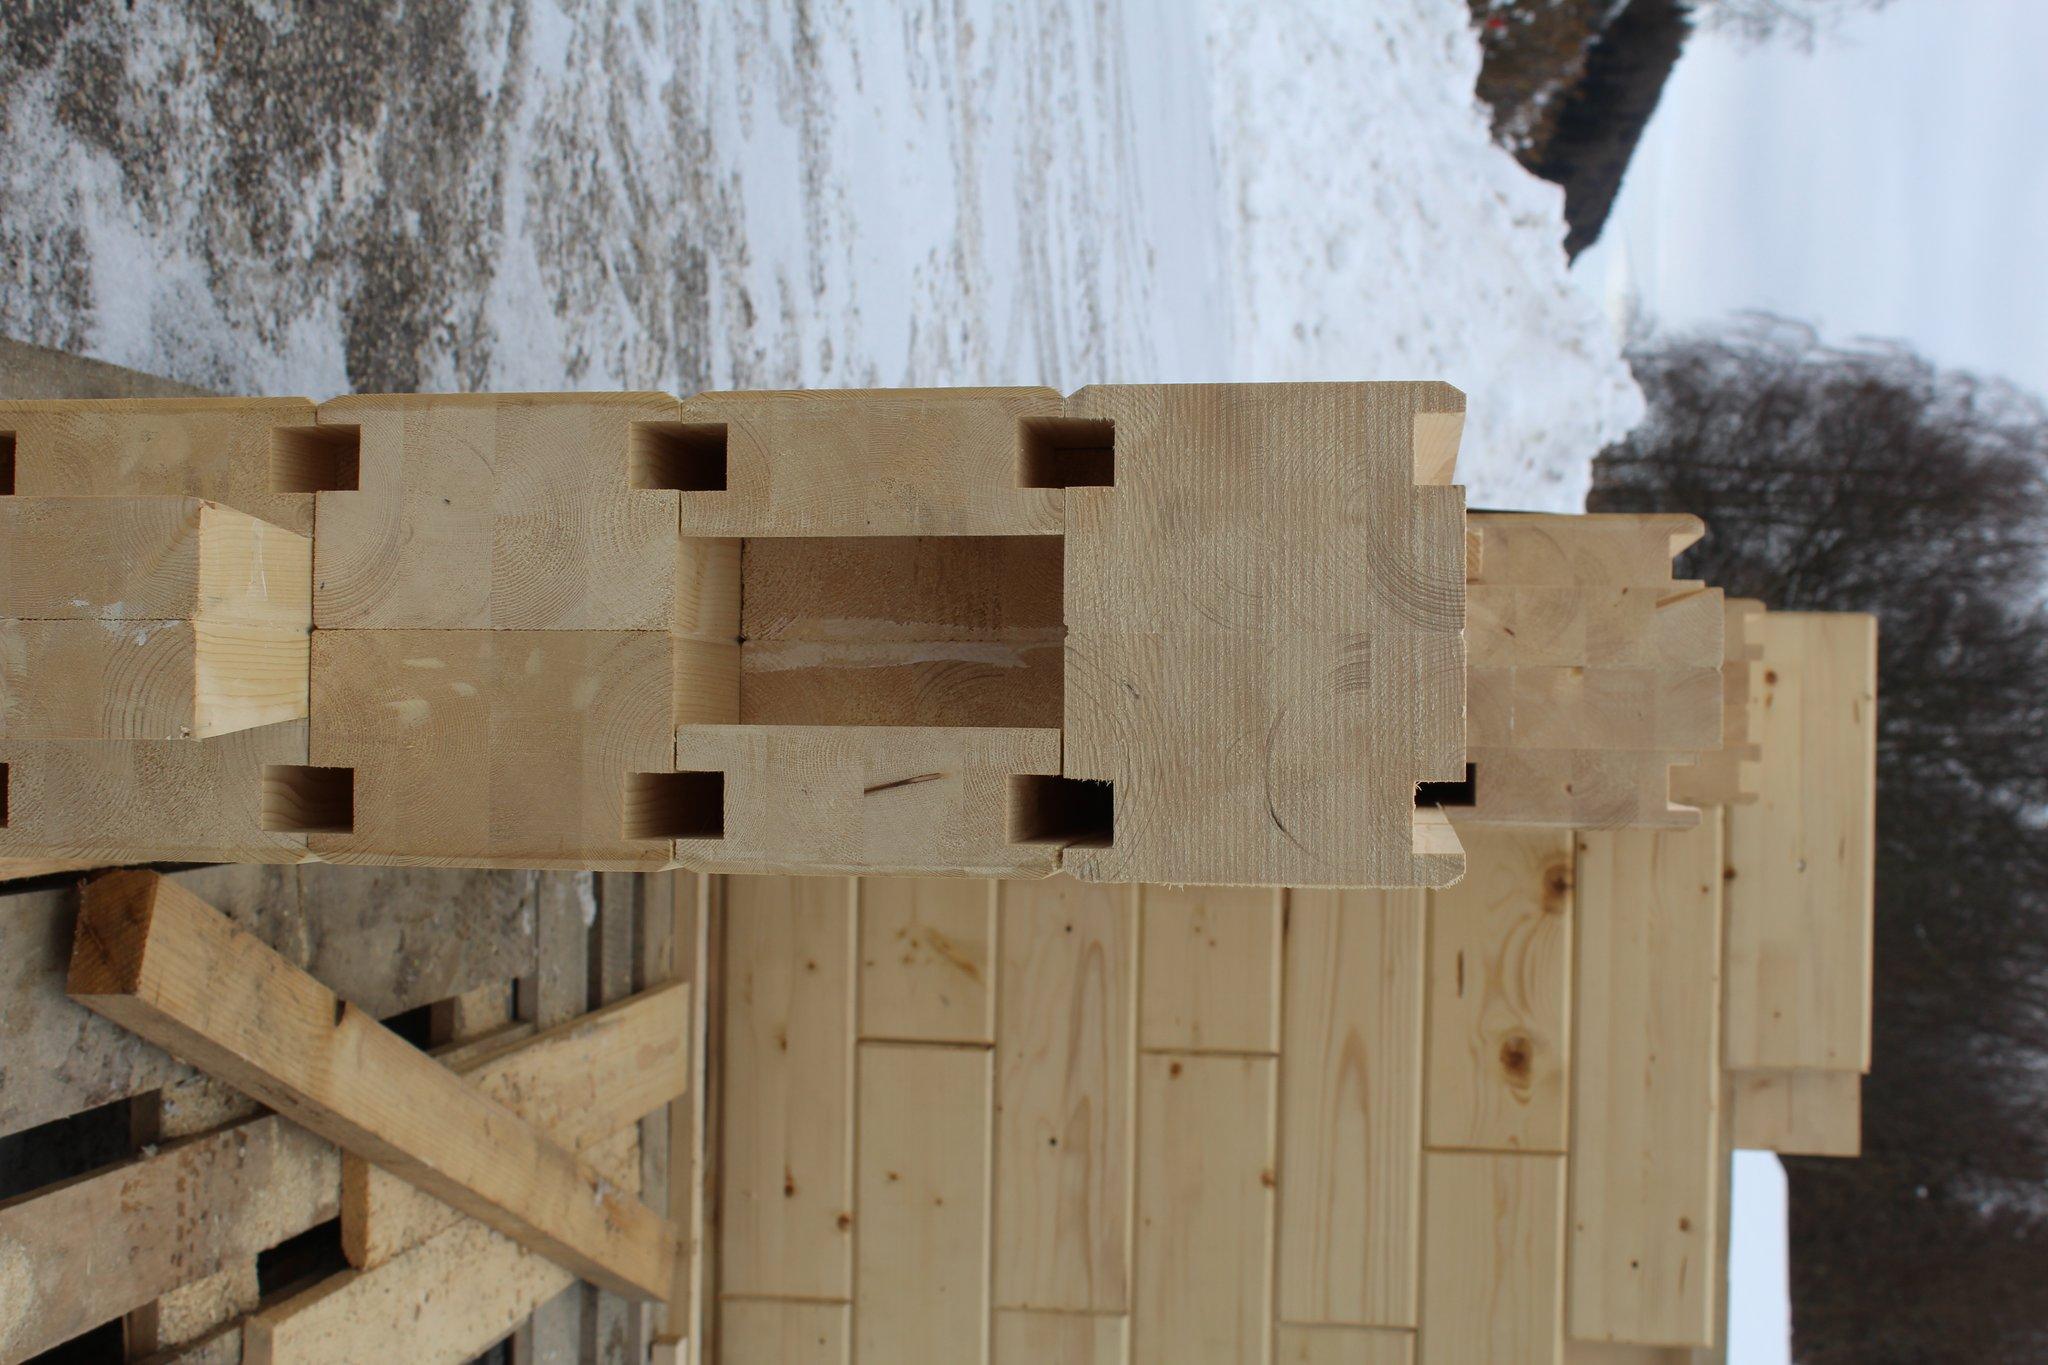 Lolling Innovativer Holz Ziegel Soll Hausbau Verandern St